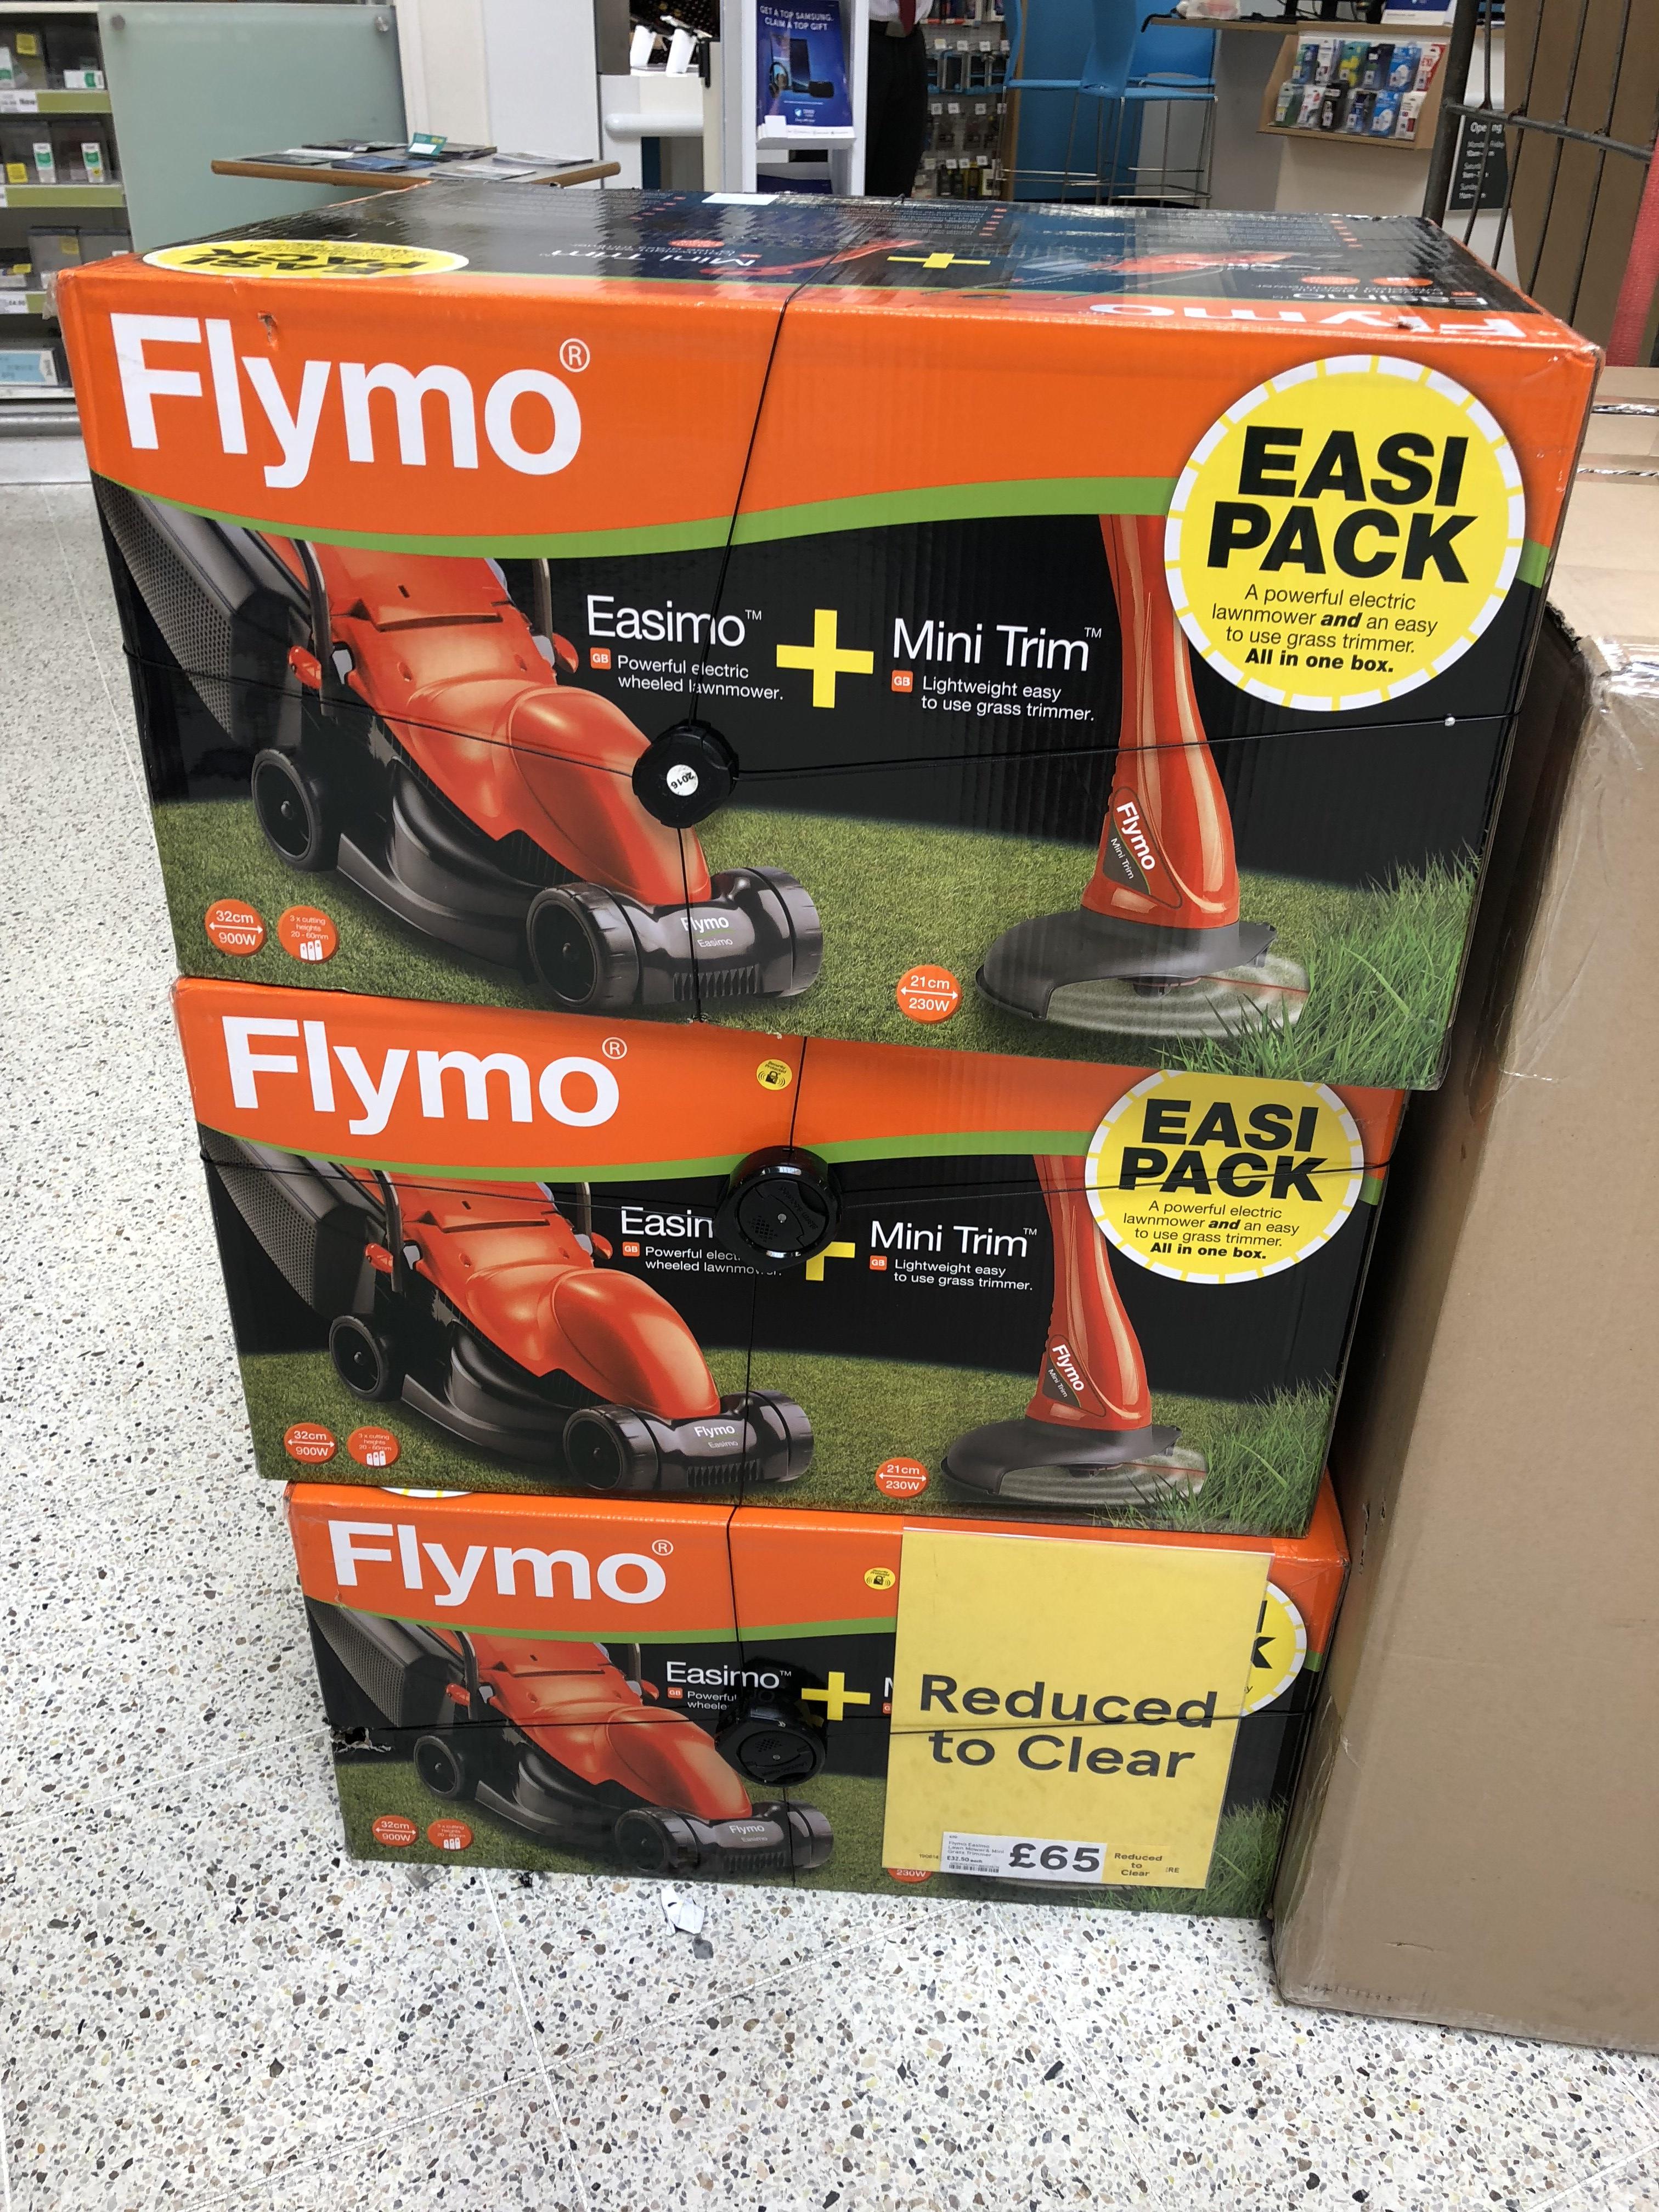 Flymo Easimo + Mini Trim £65 at Tesco